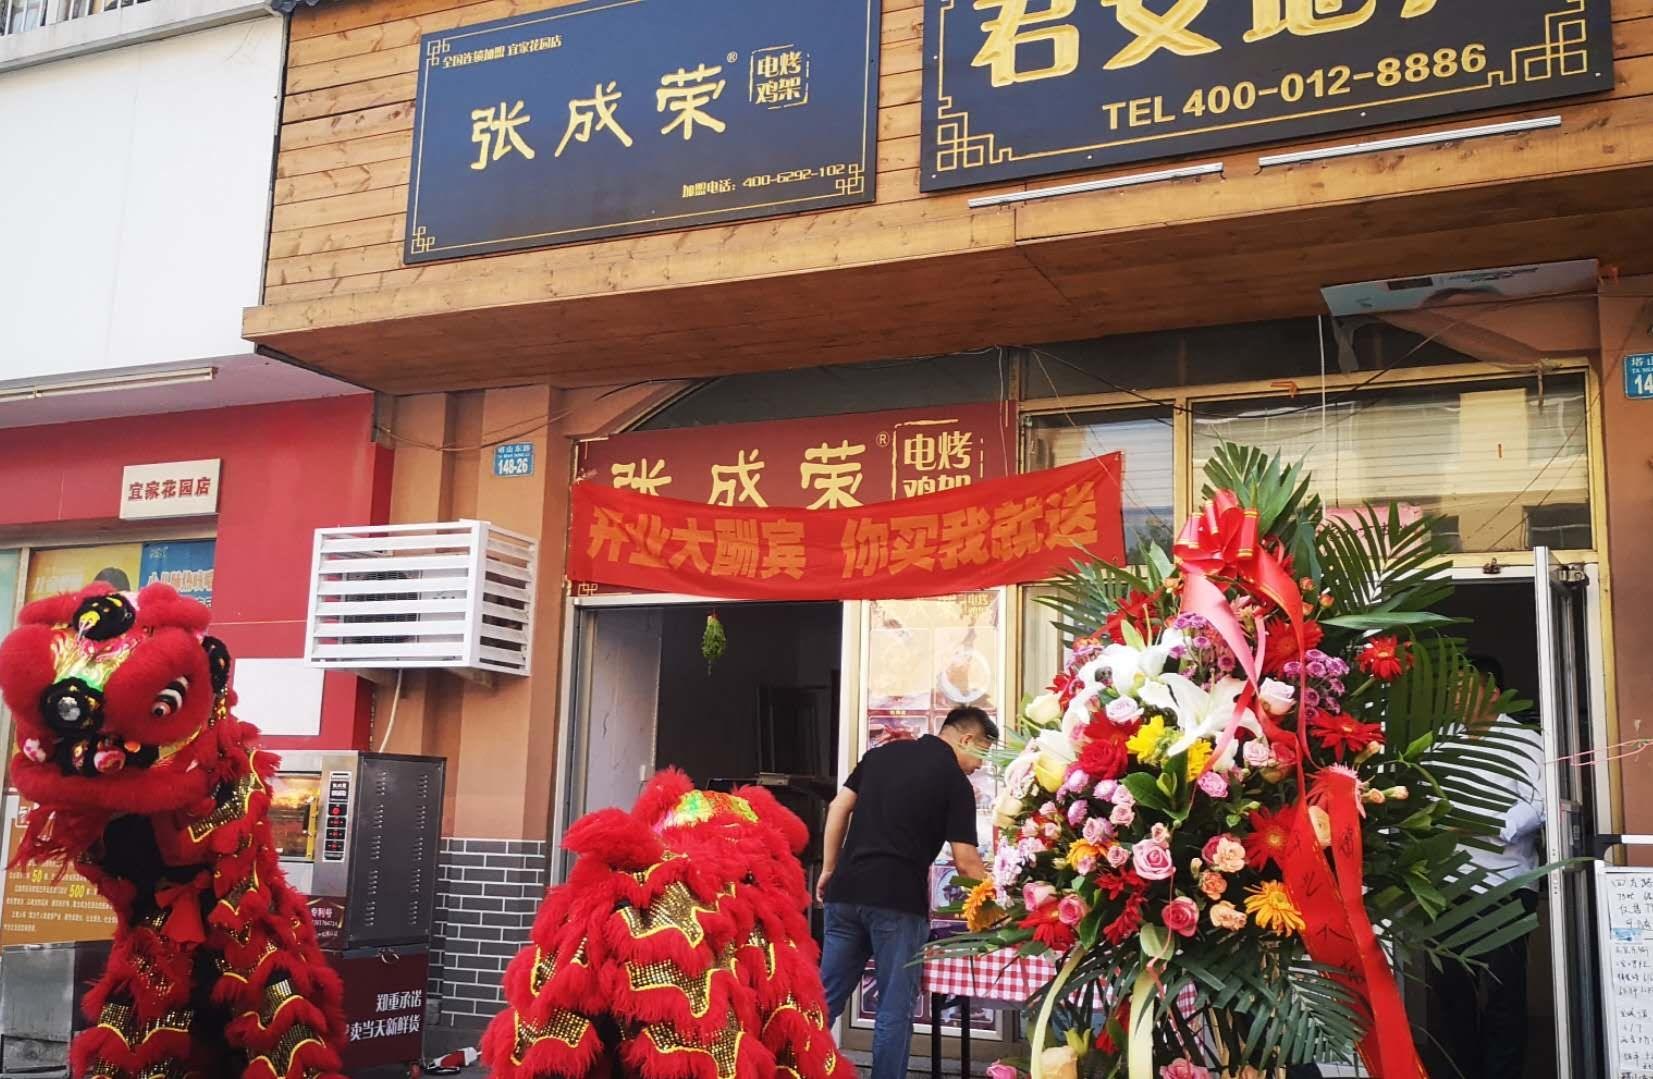 熟食店加盟,开张成荣电烤鸡架店一年大概能挣多少钱